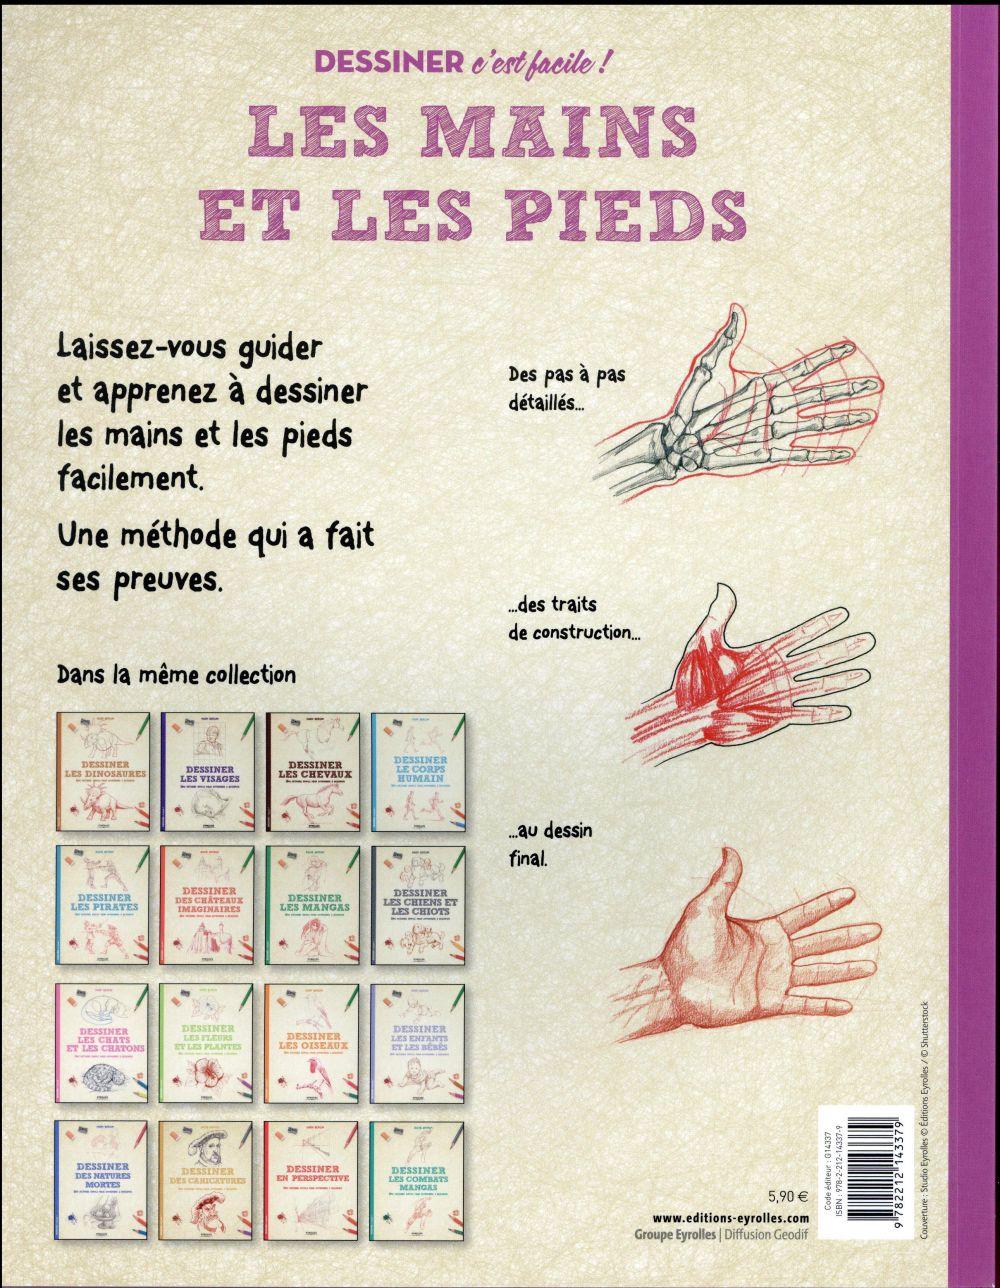 Dessiner les mains et les pieds ; une méthode simple pour apprendre à dessiner